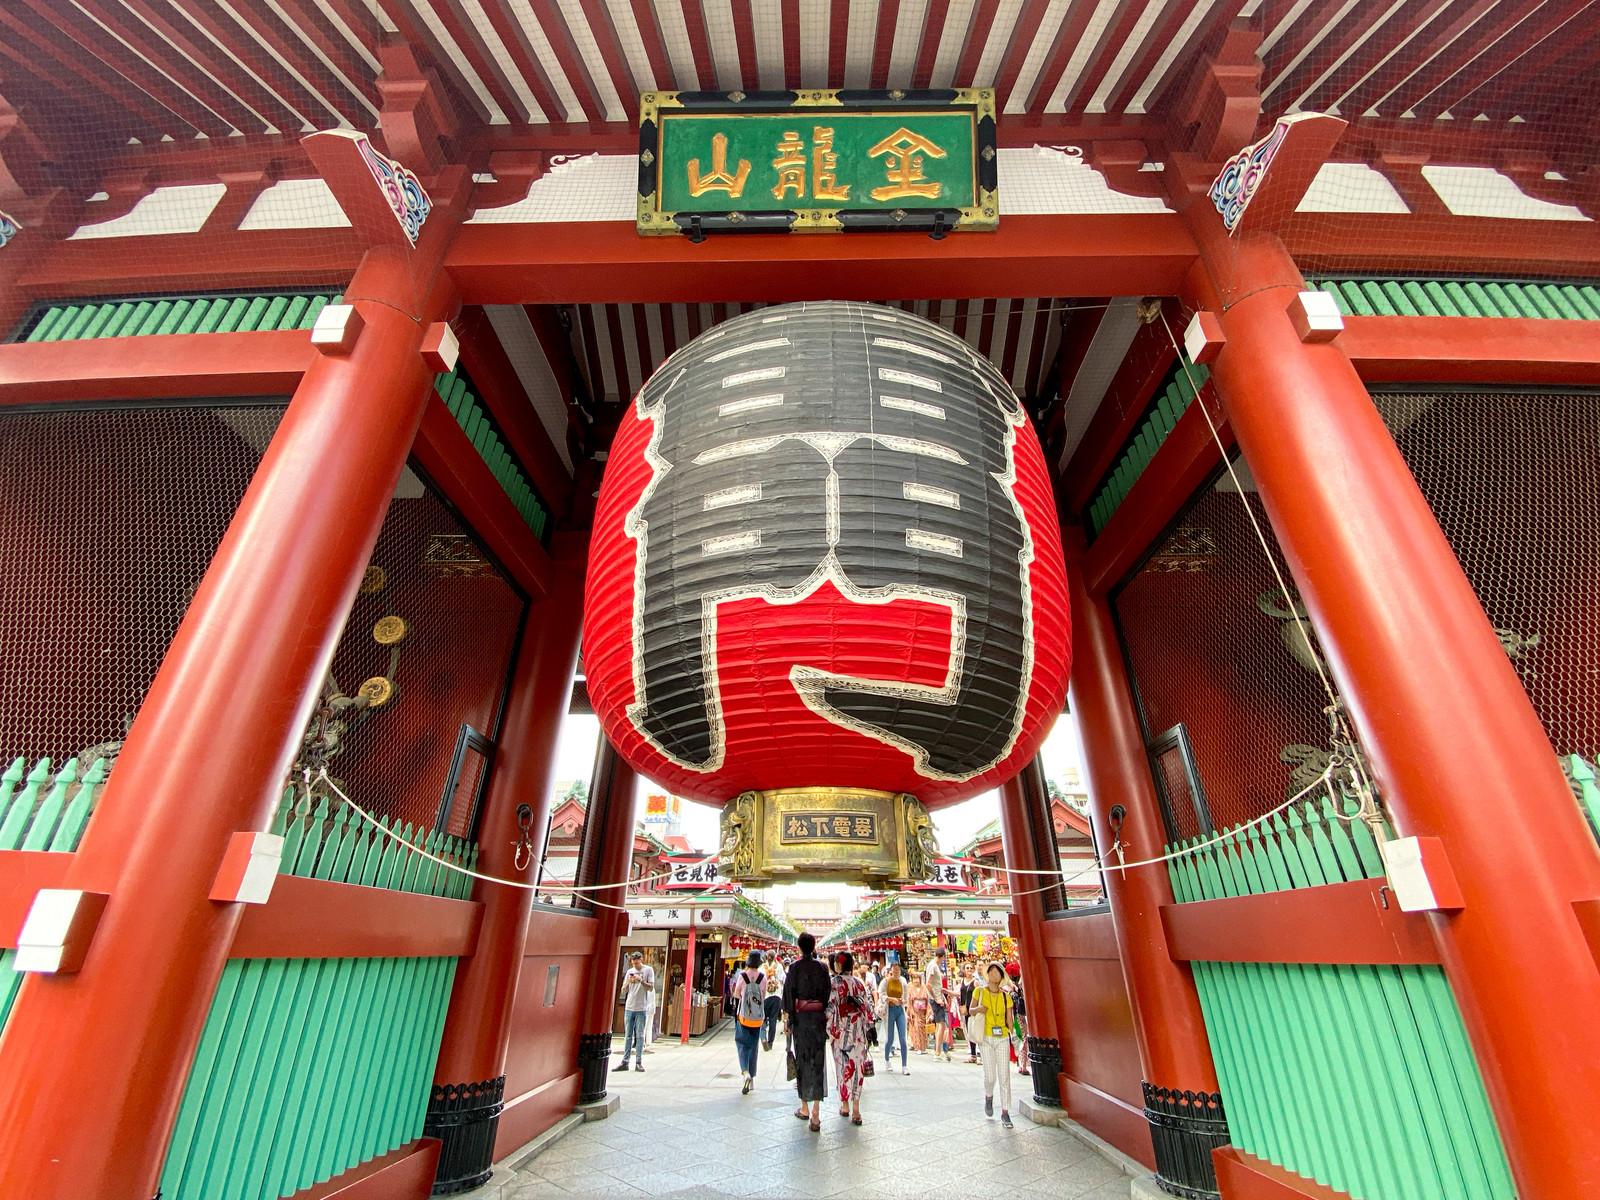 【施工完了報告!】埼玉県所沢市にて波板修理を行いました!